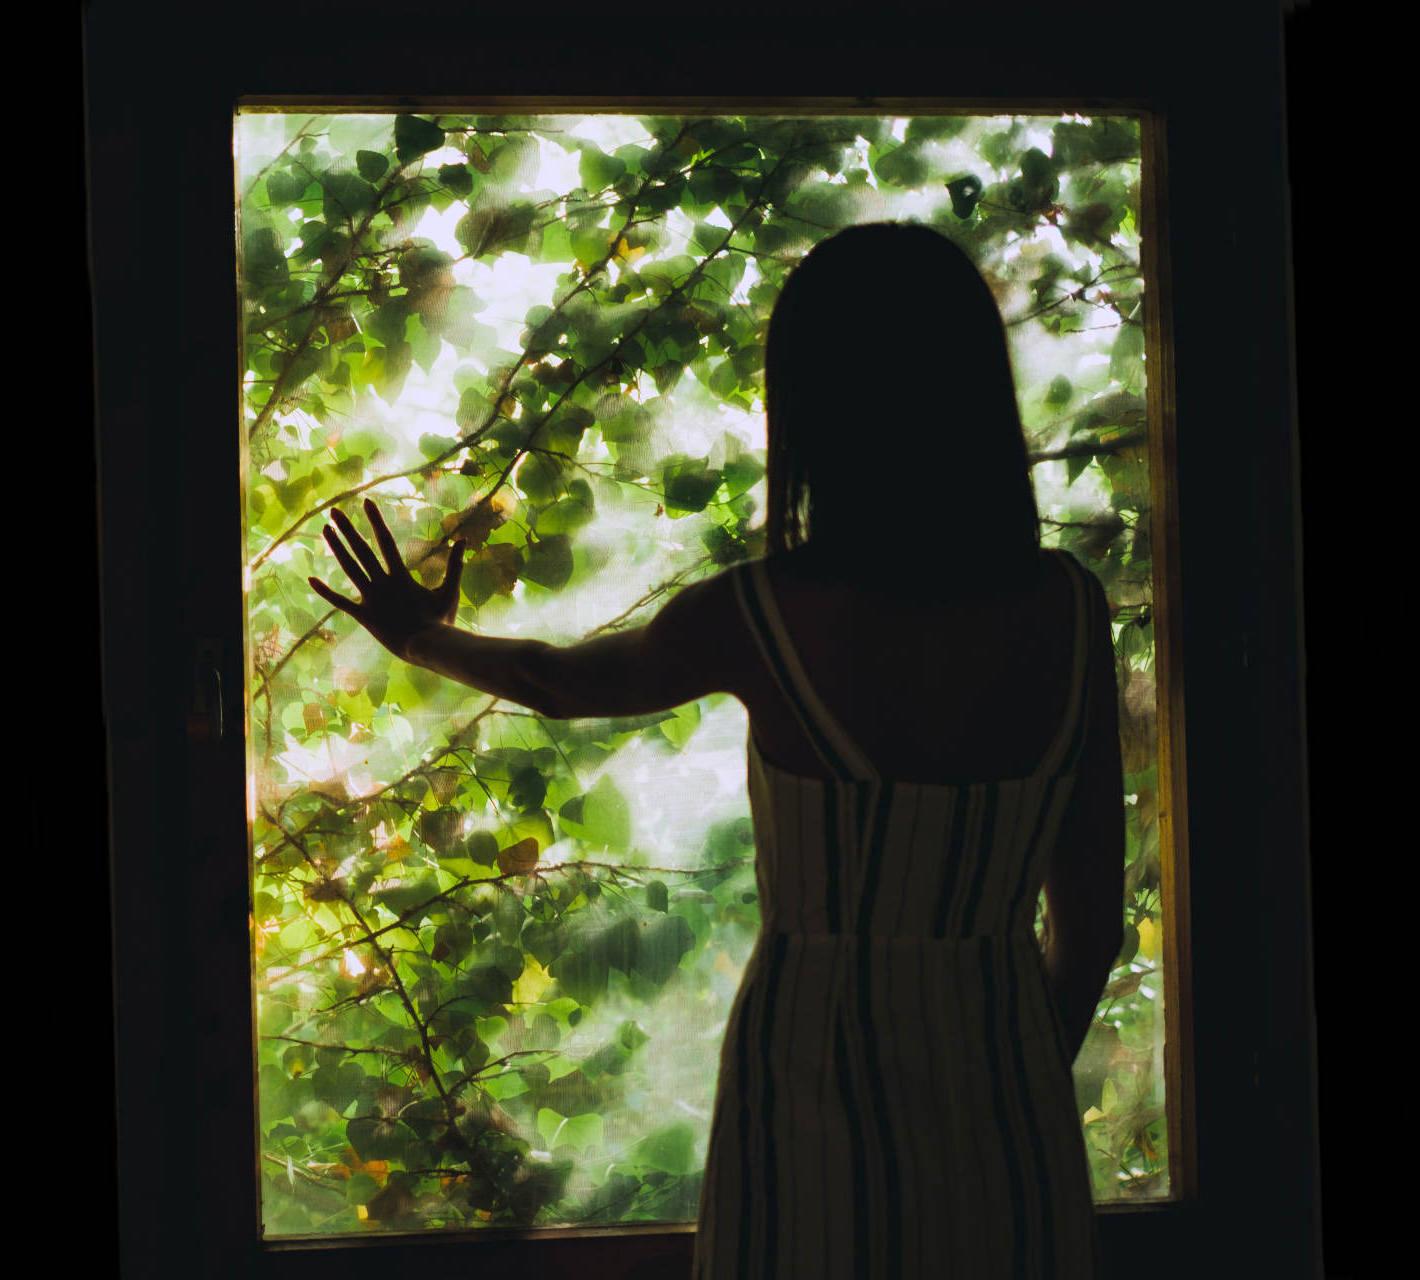 Teenage girl at a garden window